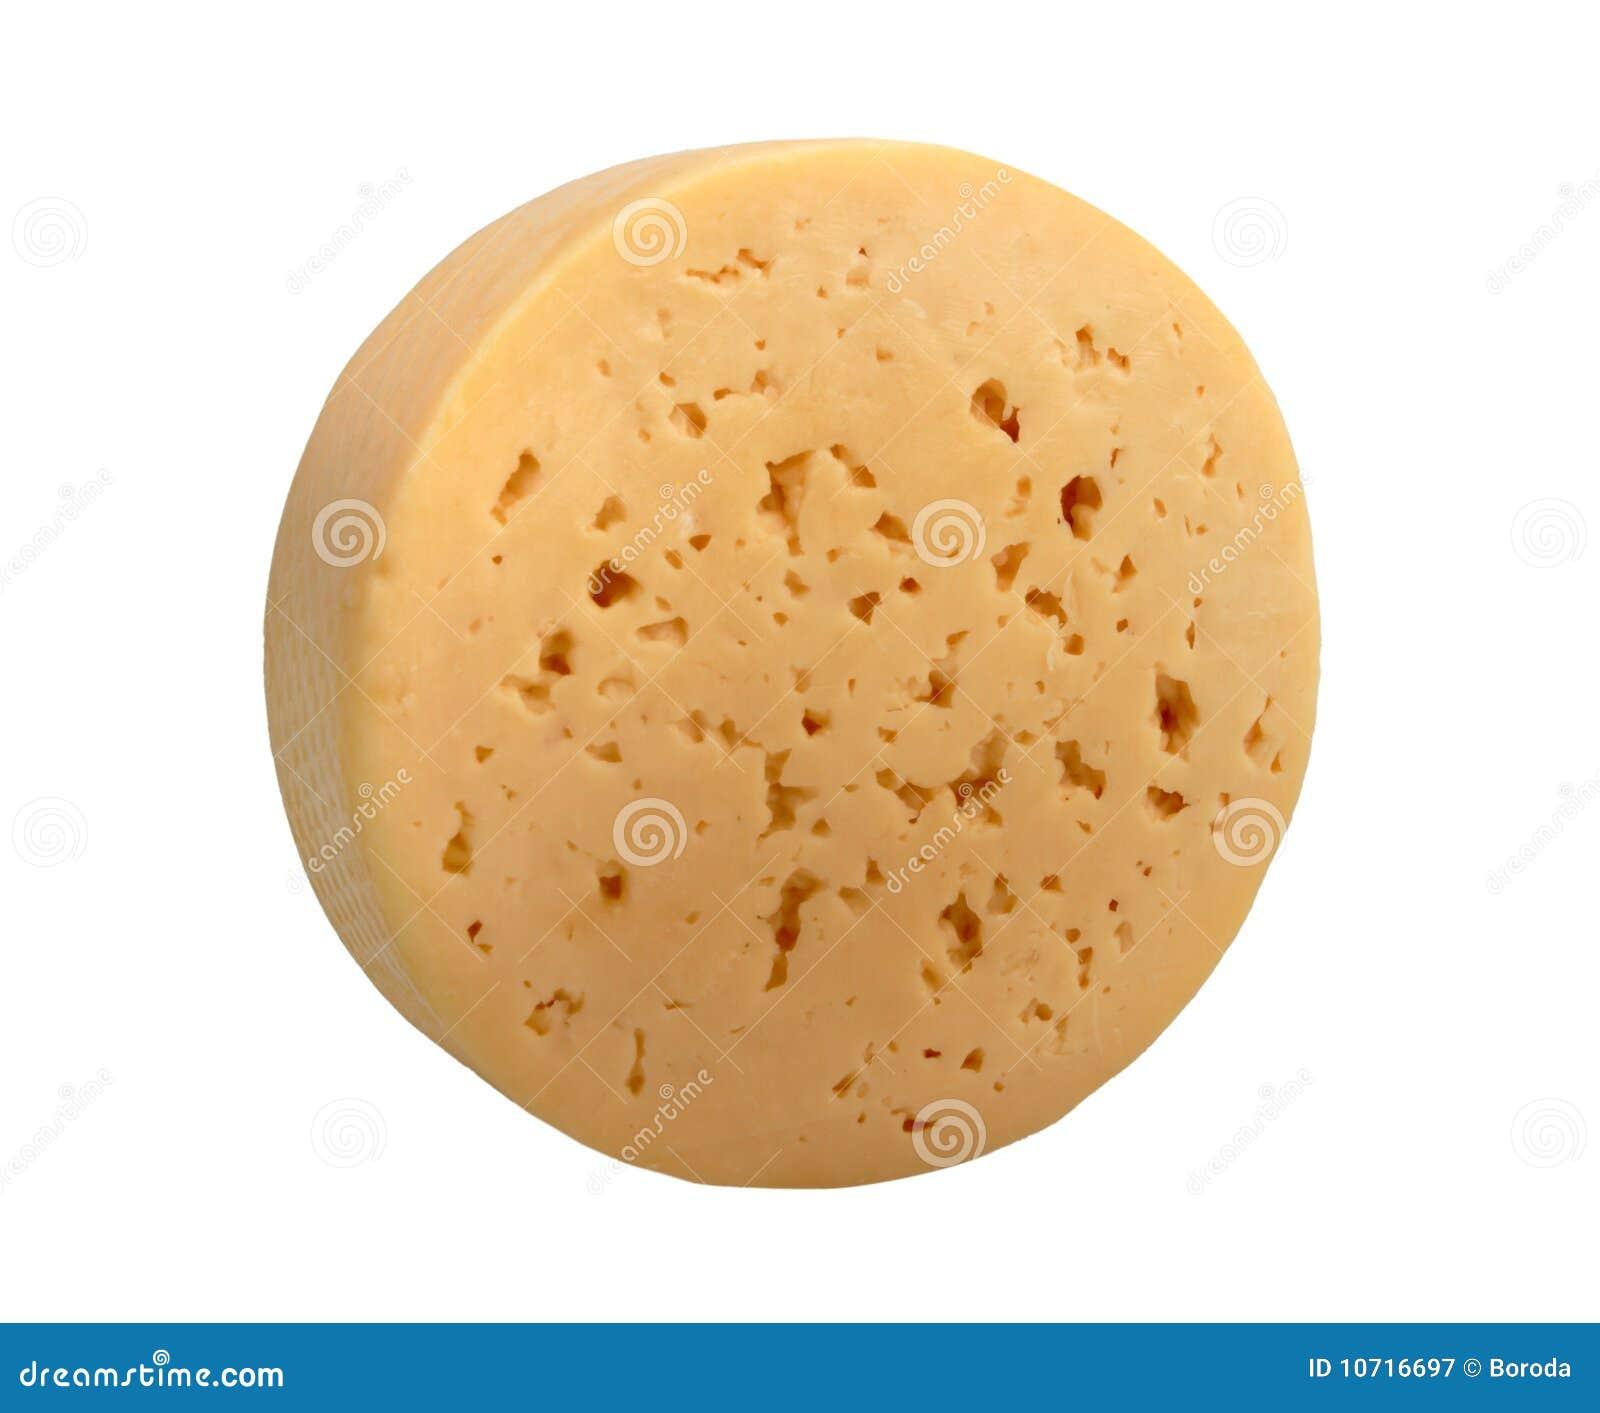 circle cheese